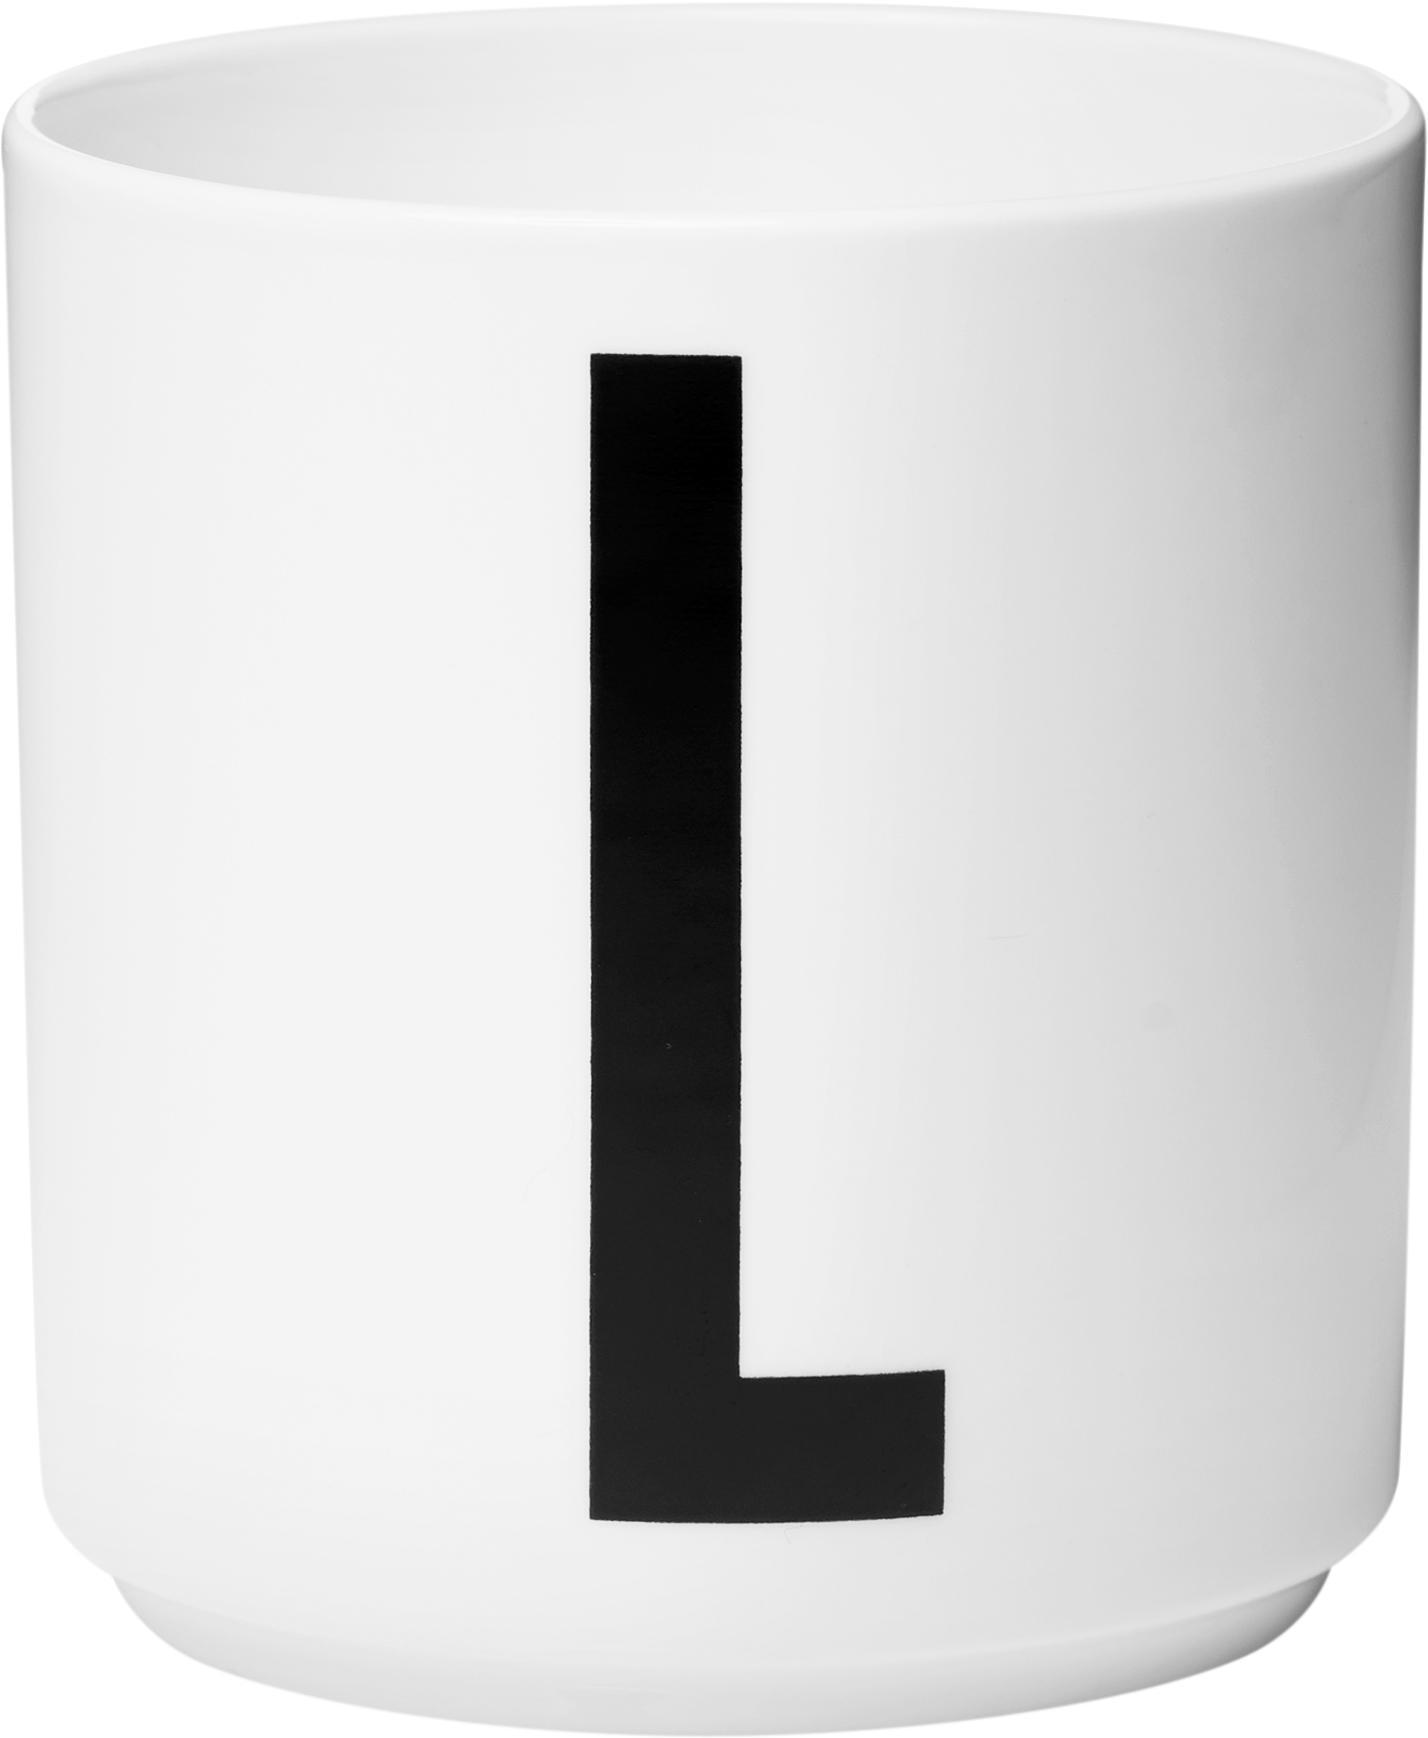 Design Becher Personal mit Buchstaben (Varianten von A bis Z), Fine Bone China (Porzellan), Weiss, Schwarz, Becher L